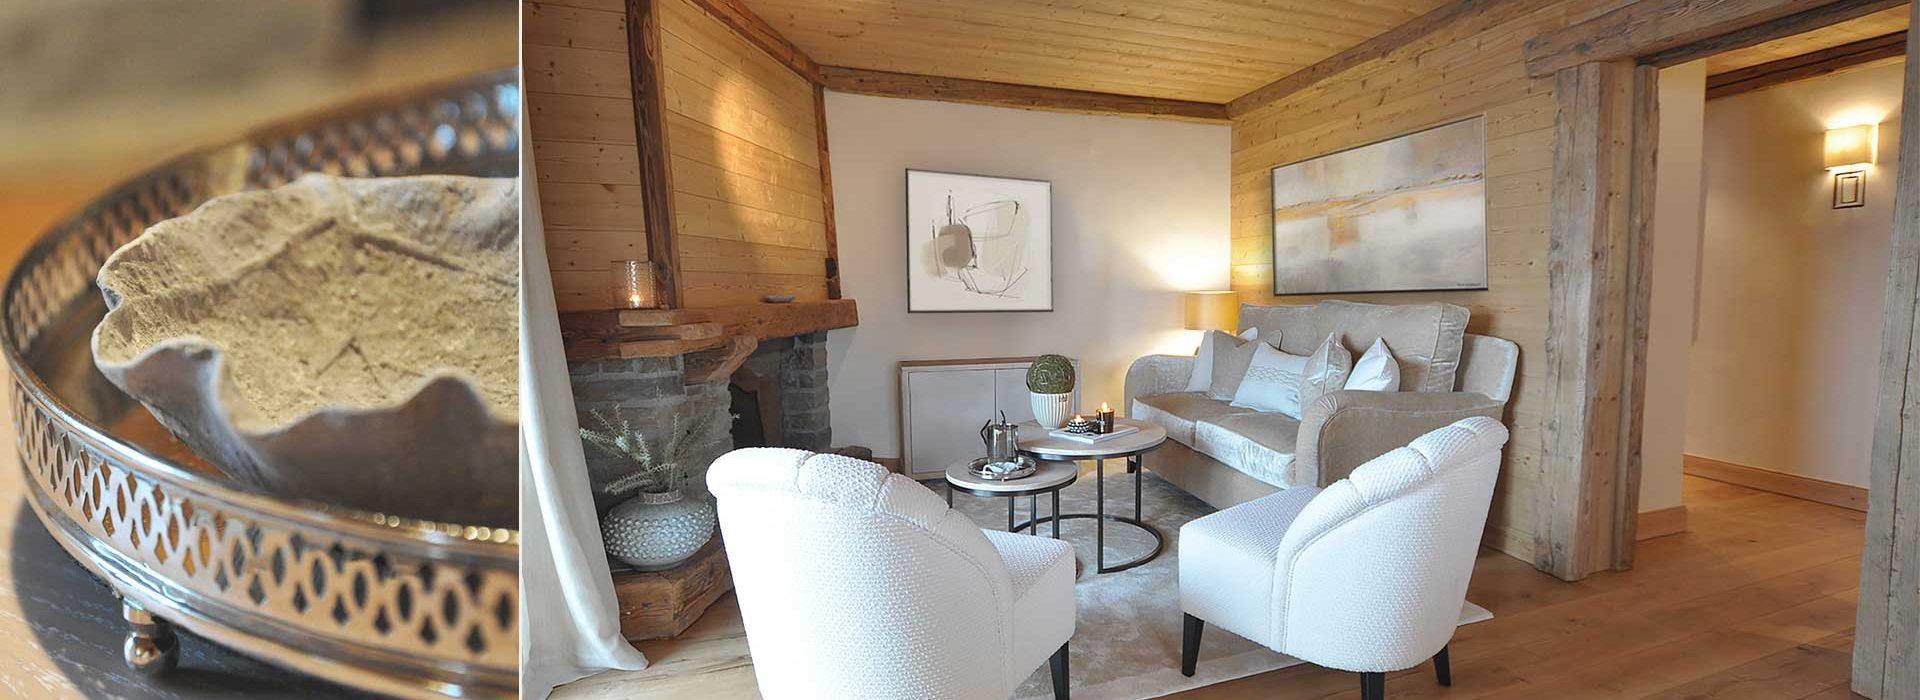 APARTMENT-FRENCH-ALPS-01-Dome-interior-design-Geneve-Suisse